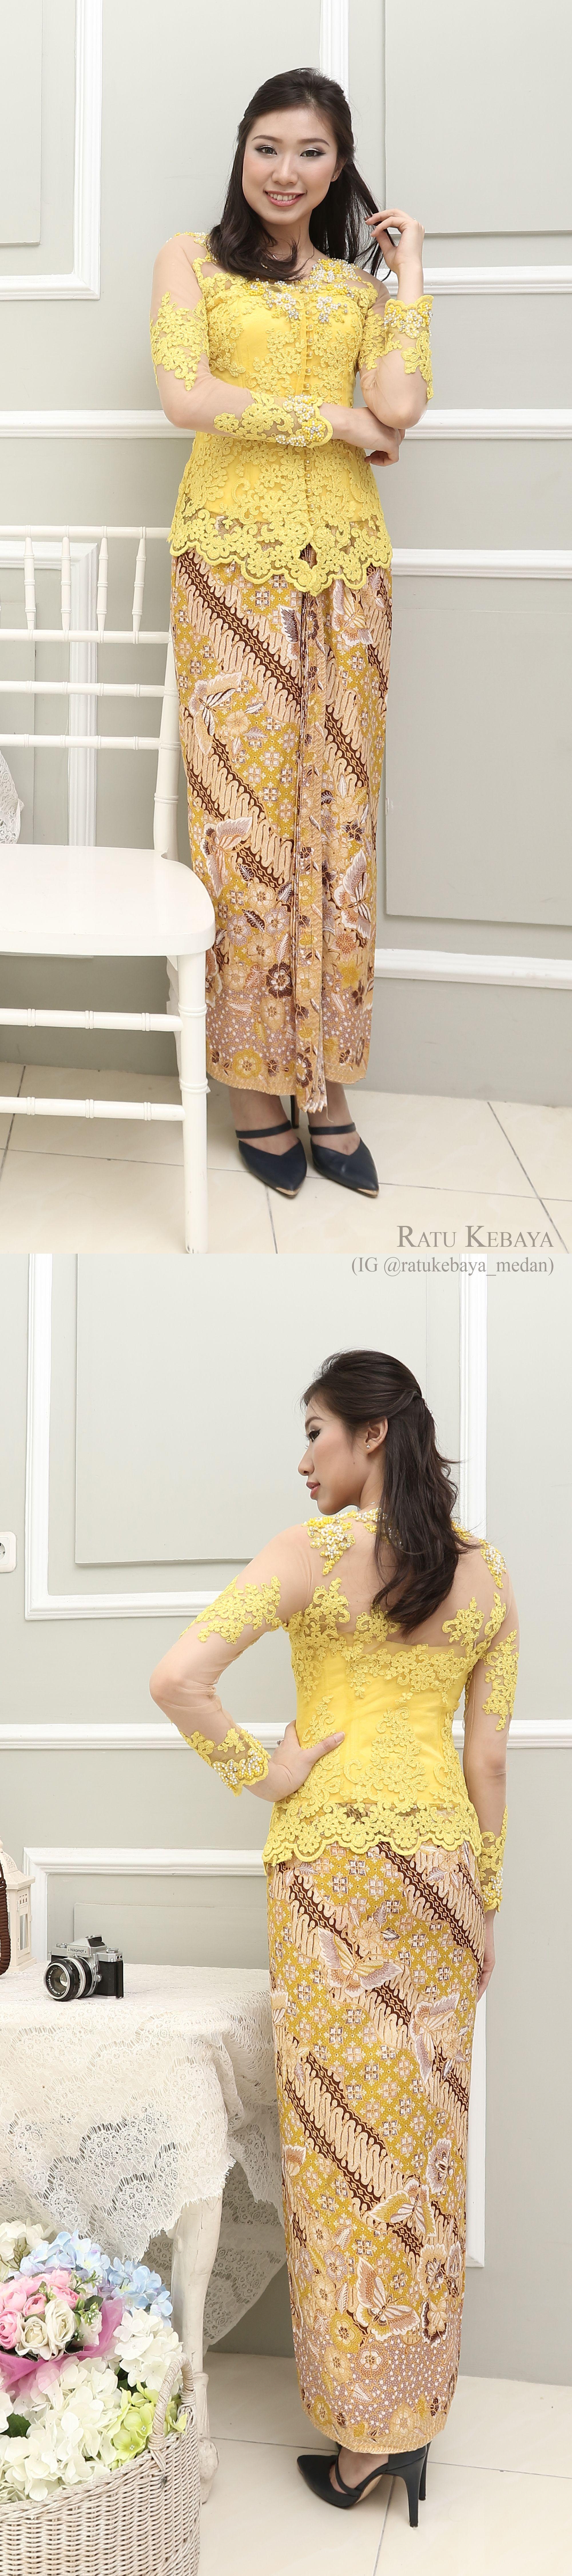 Inspirasi kebaya ratukebayamedan Padanan lace dan batik